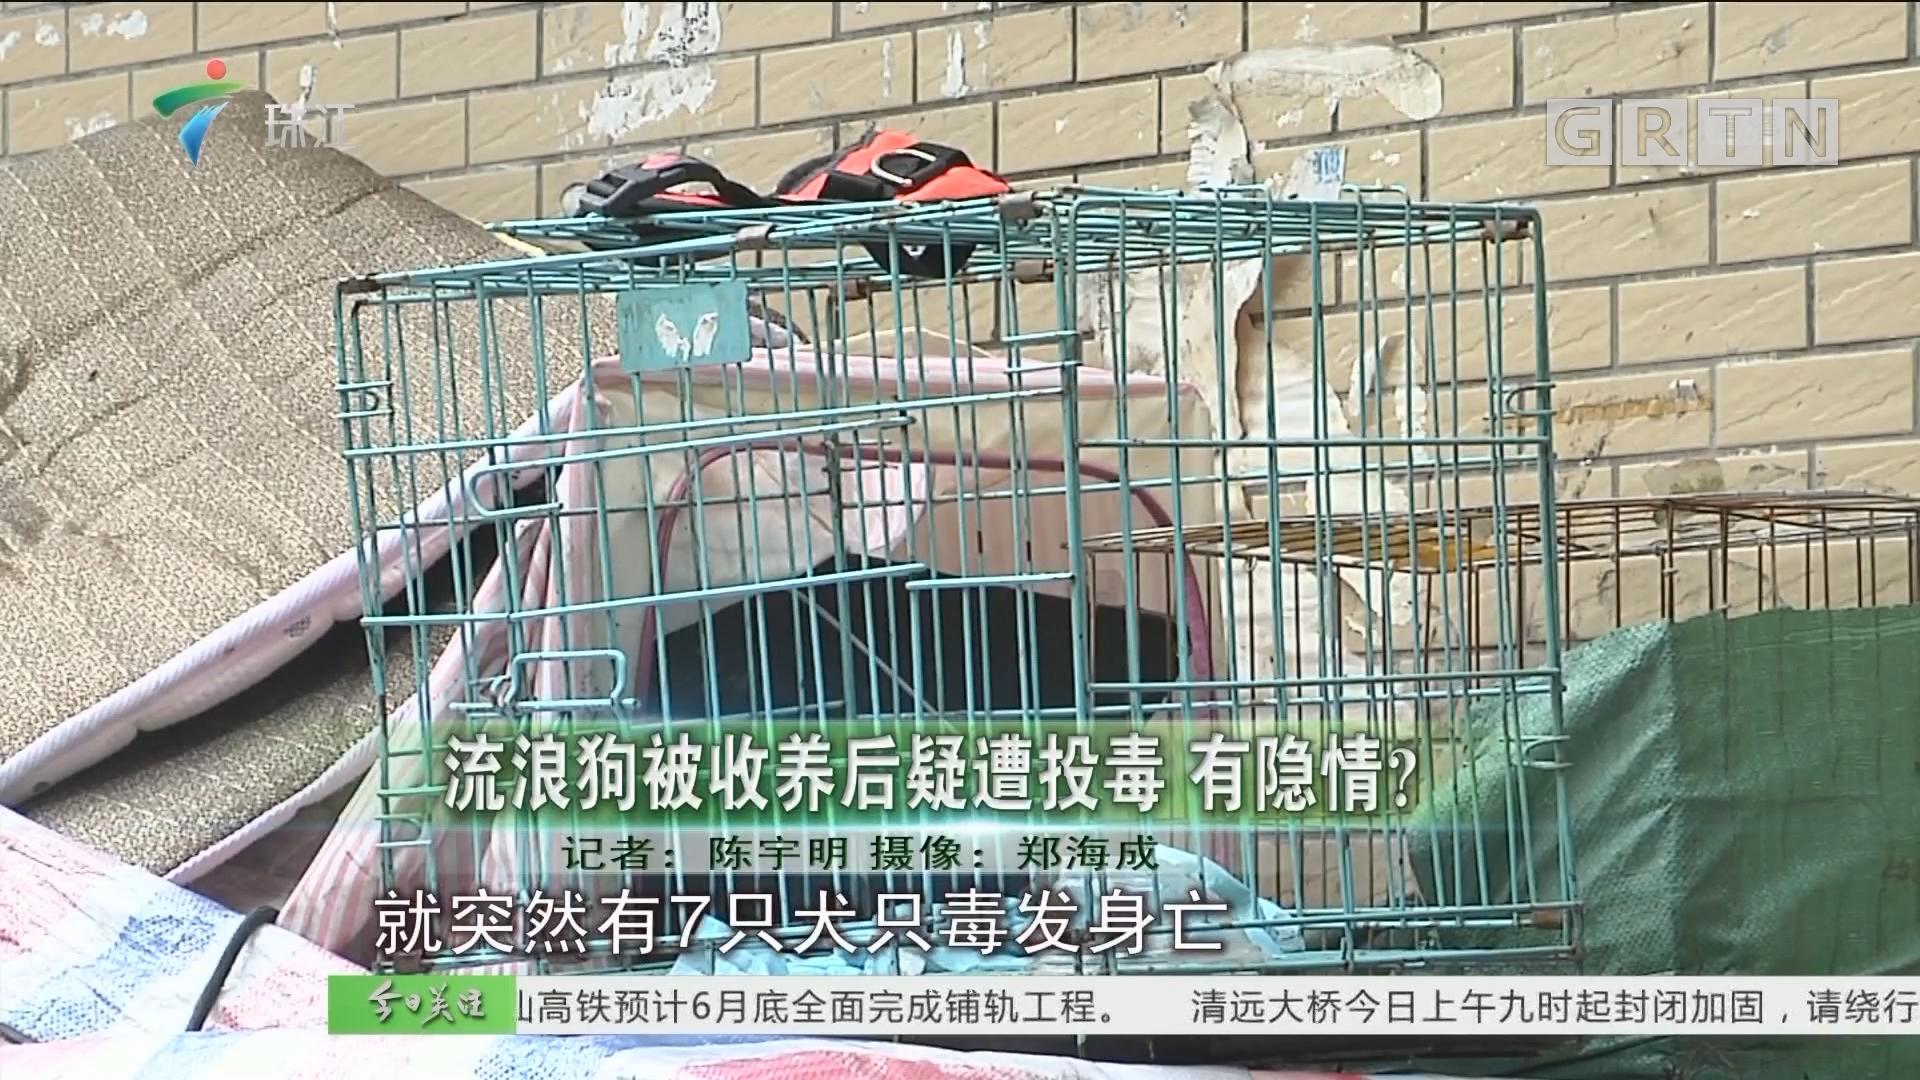 流浪狗被收养后疑遭投毒 有隐情?